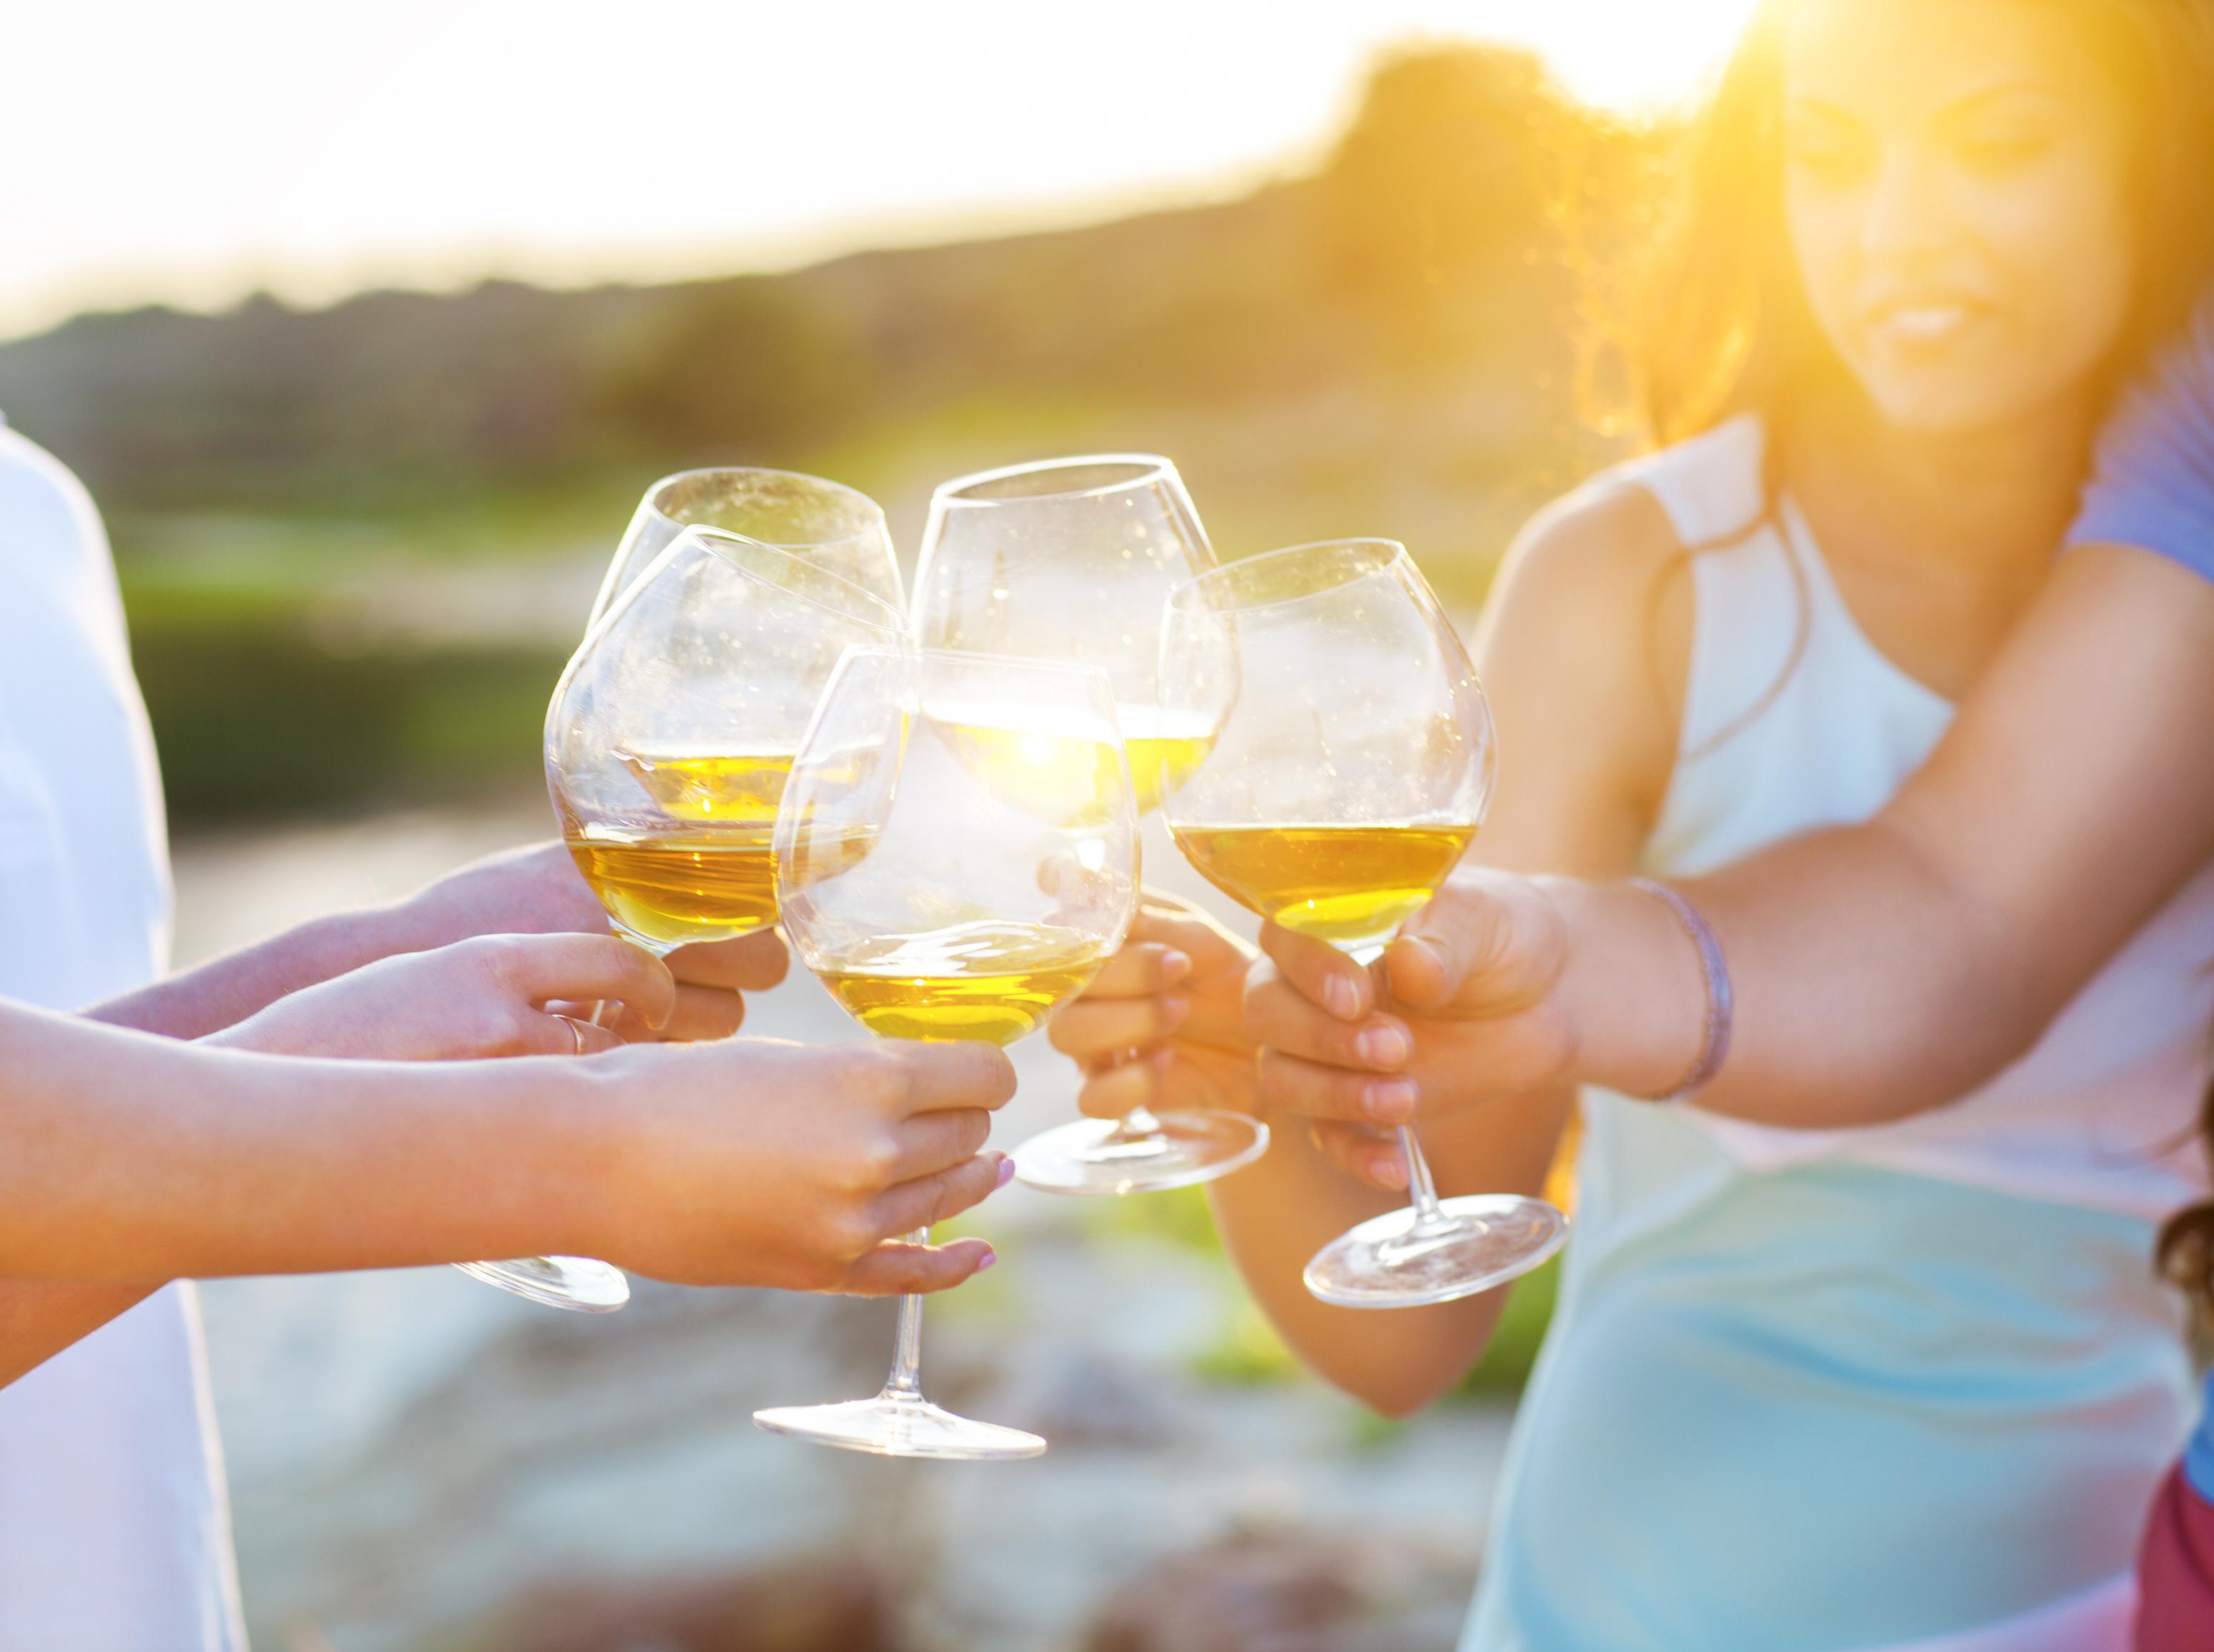 Menschen mit einem Glas Wein